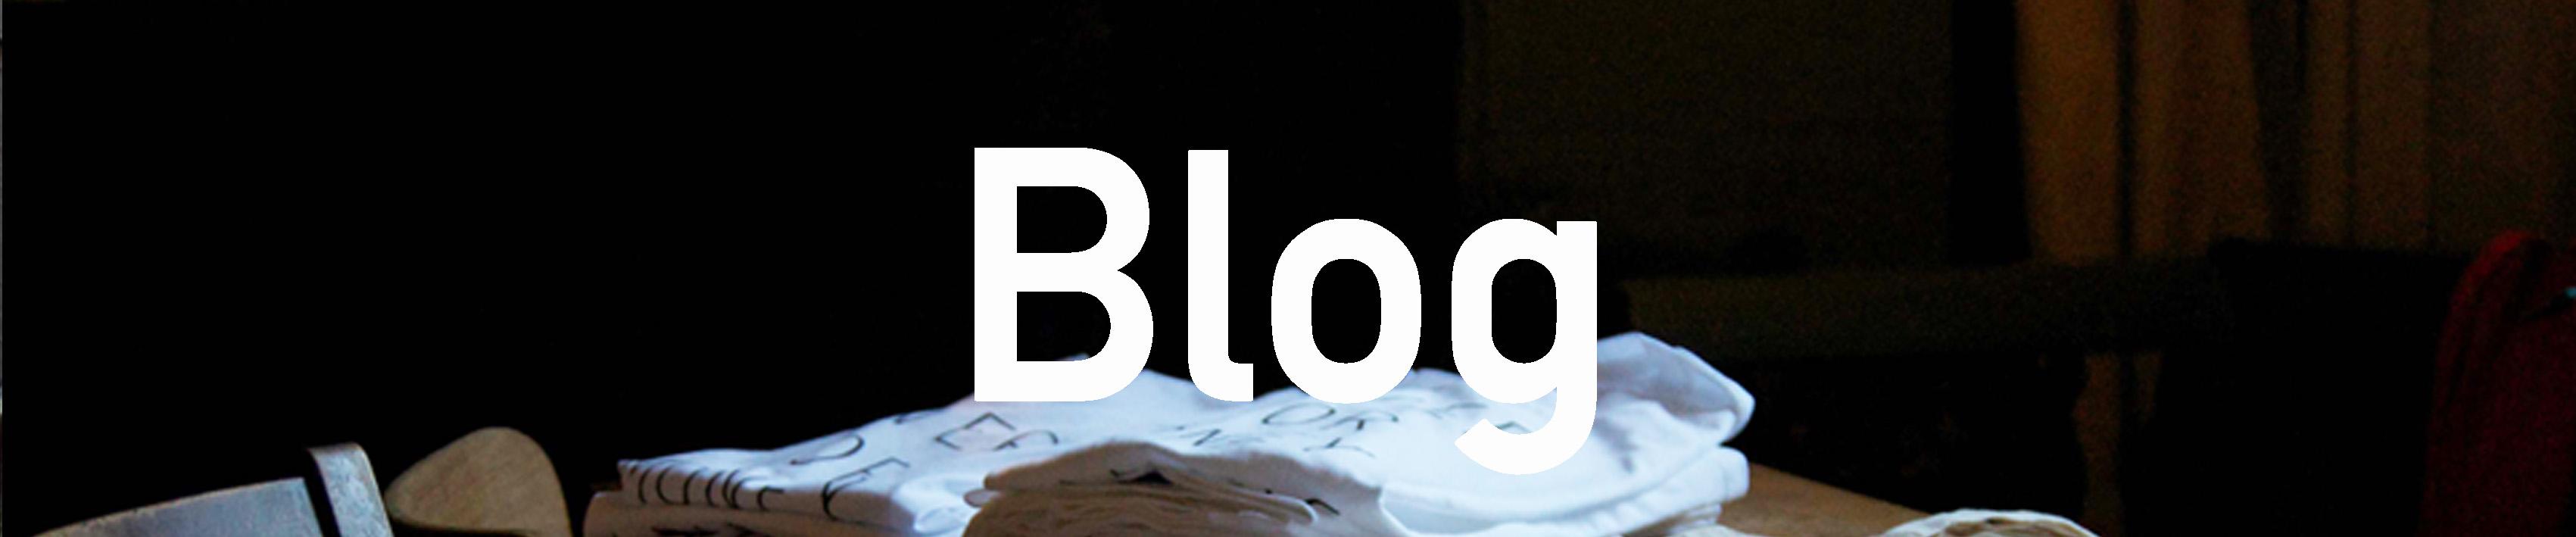 blogslider-moii-b-2